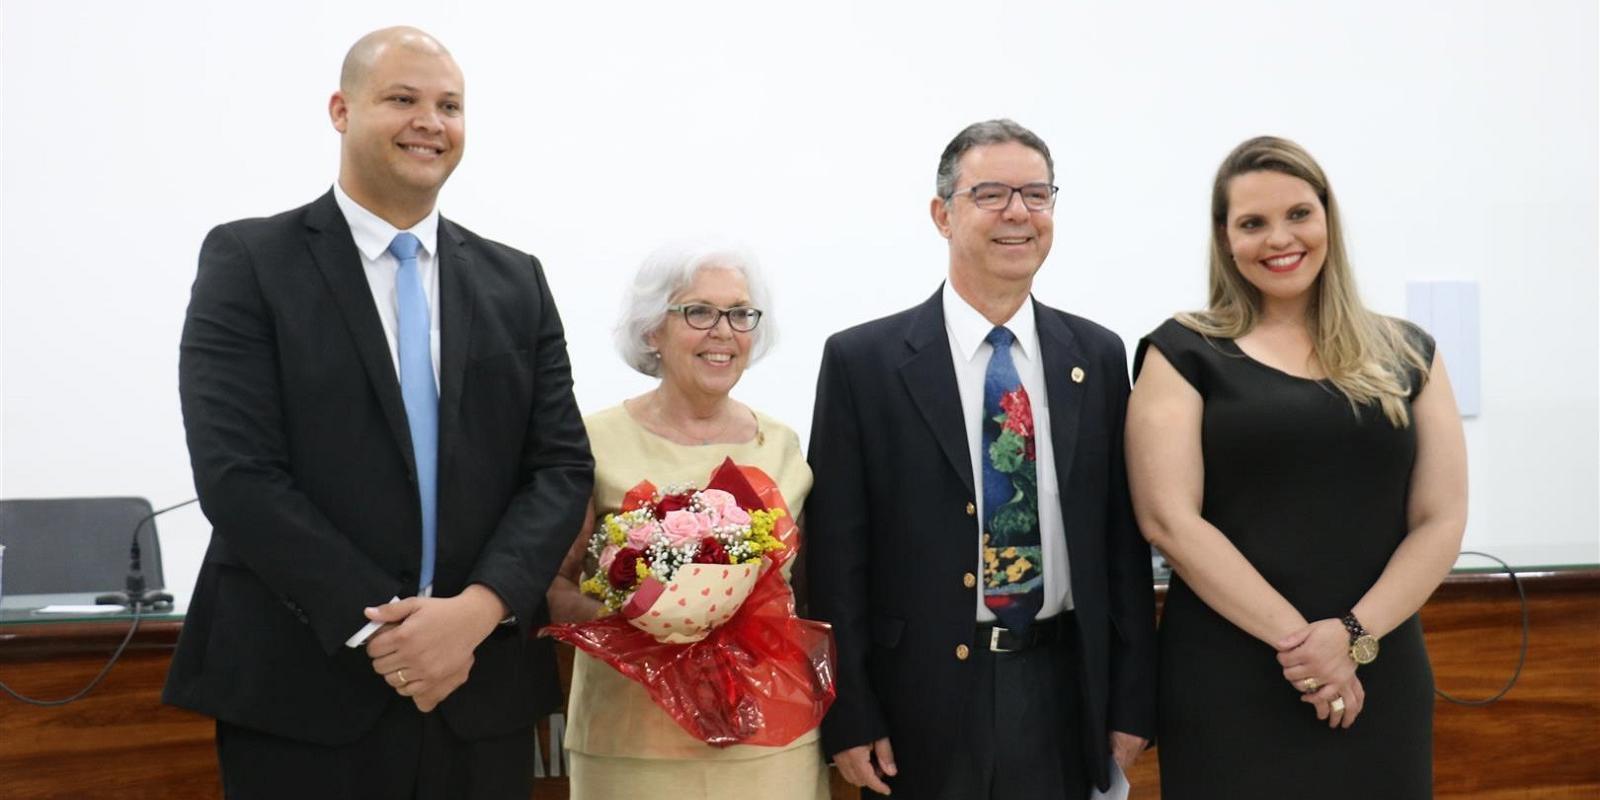 Câmara Municipal de Atibaia homenageia Leni Calderaro Pontinha e UNIFAAT